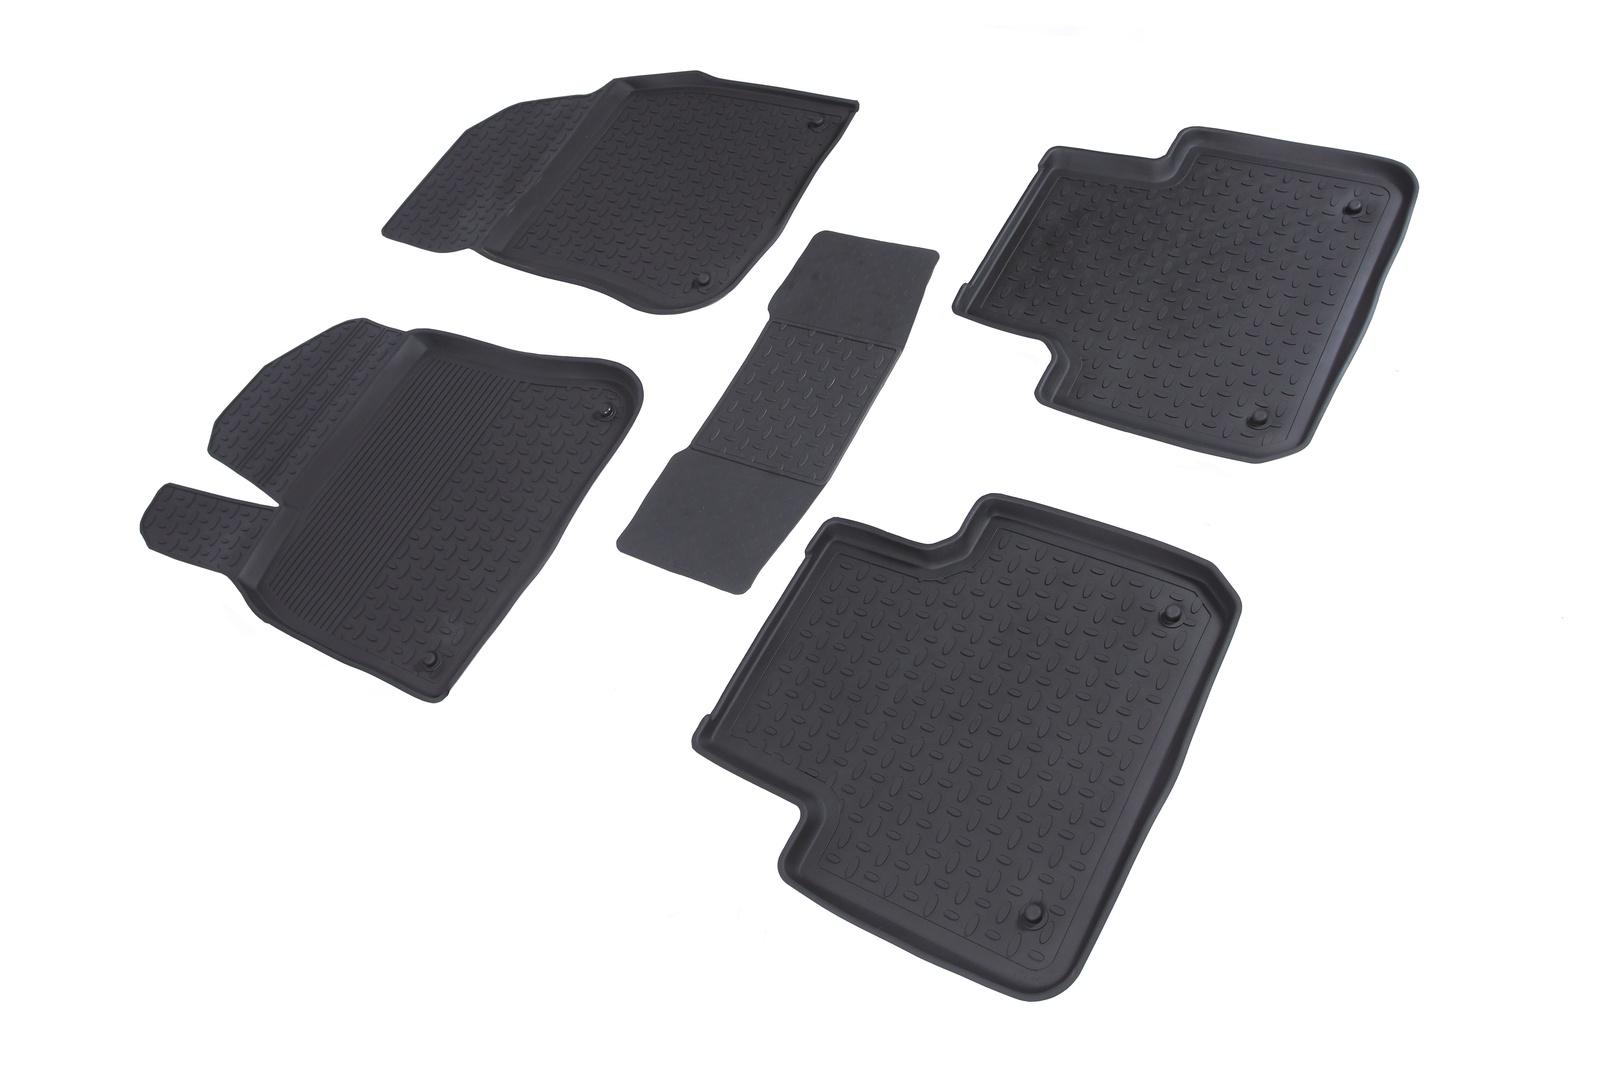 цена на Коврики в салон автомобиля Seintex Резиновые коврики с высоким бортом для Ford Focus III 2015-н.в.